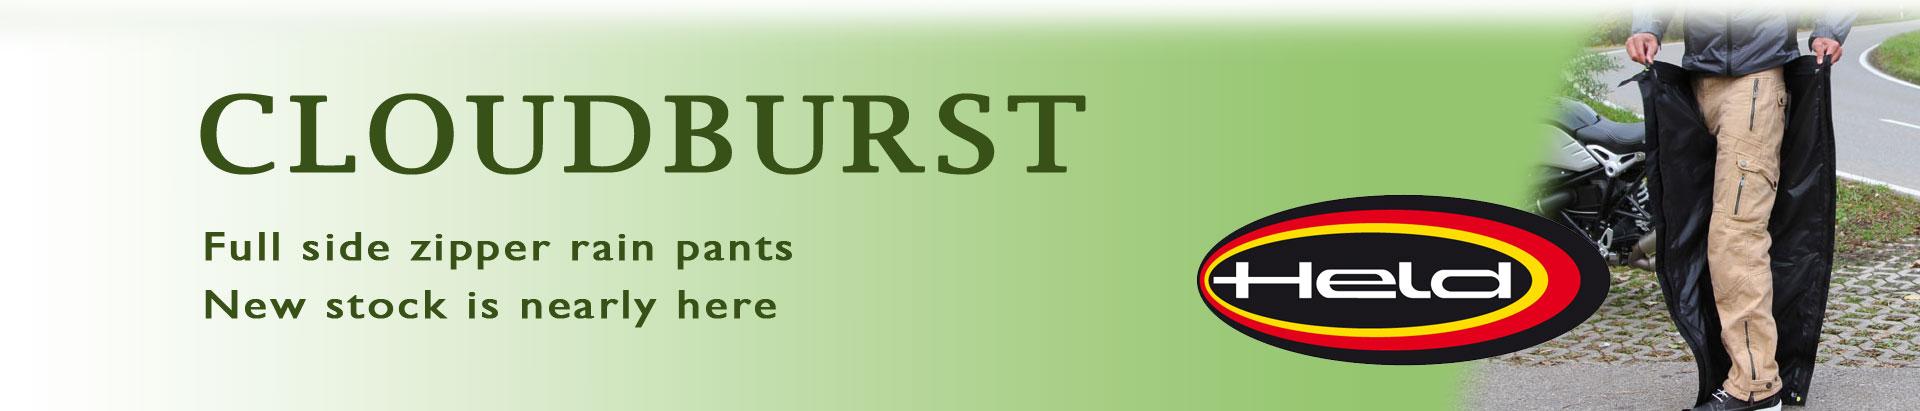 cloudburst-banner.jpg